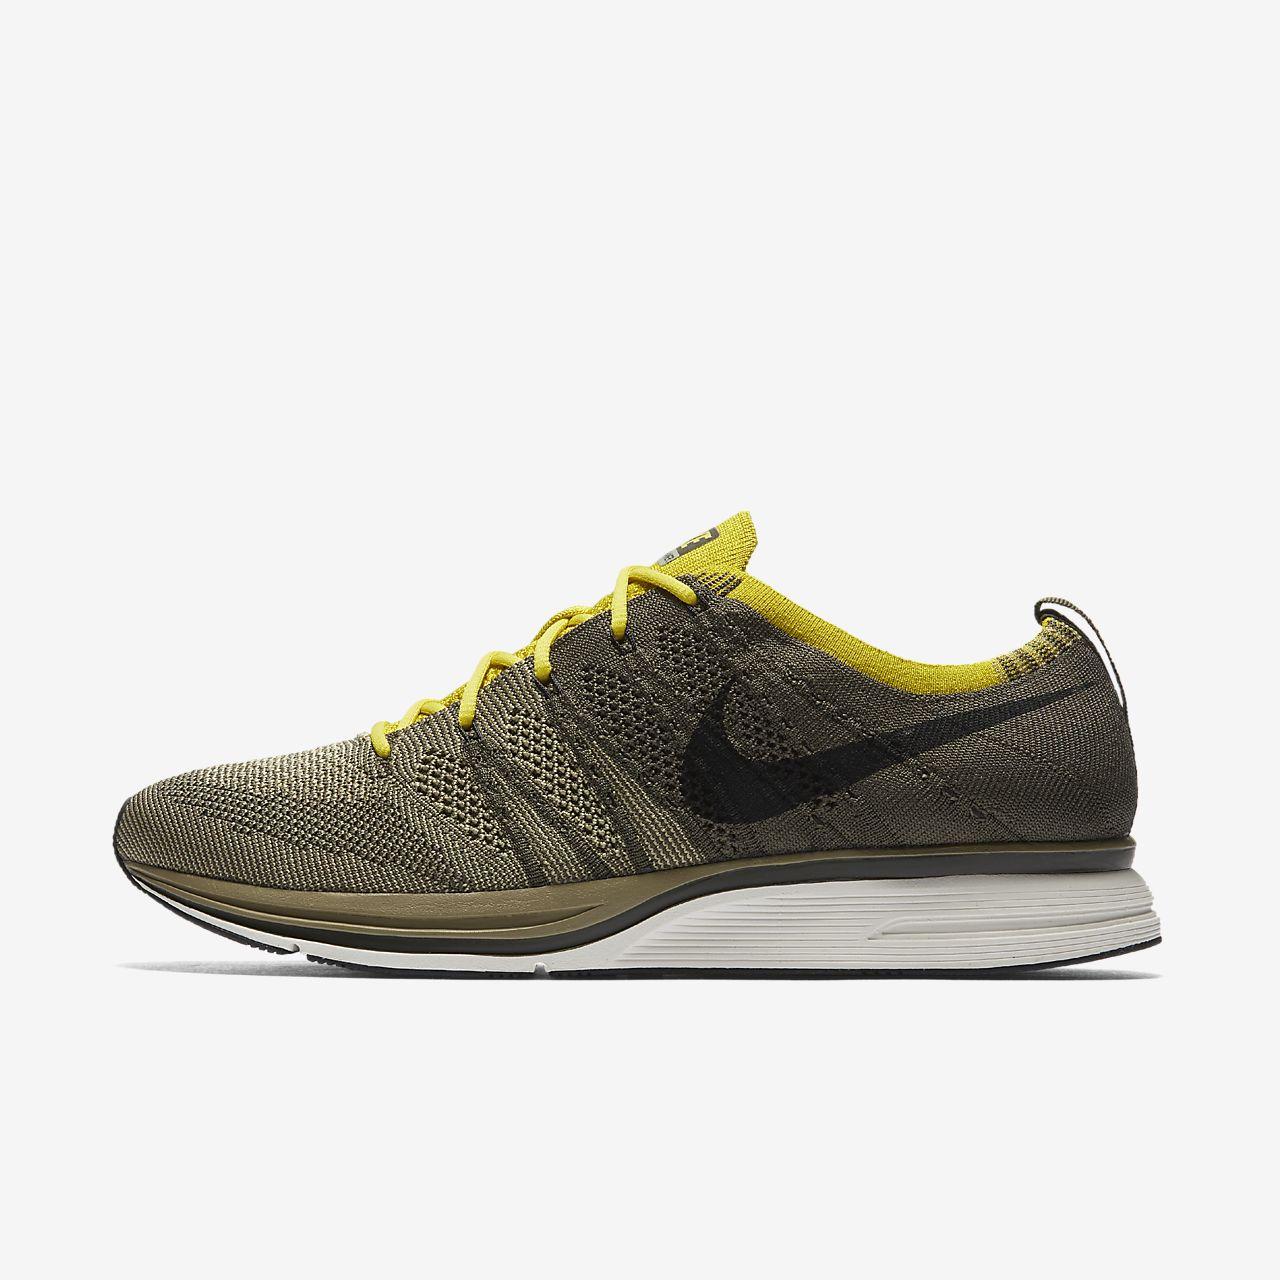 buy online be046 4f772 Nike Flyknit Trainer